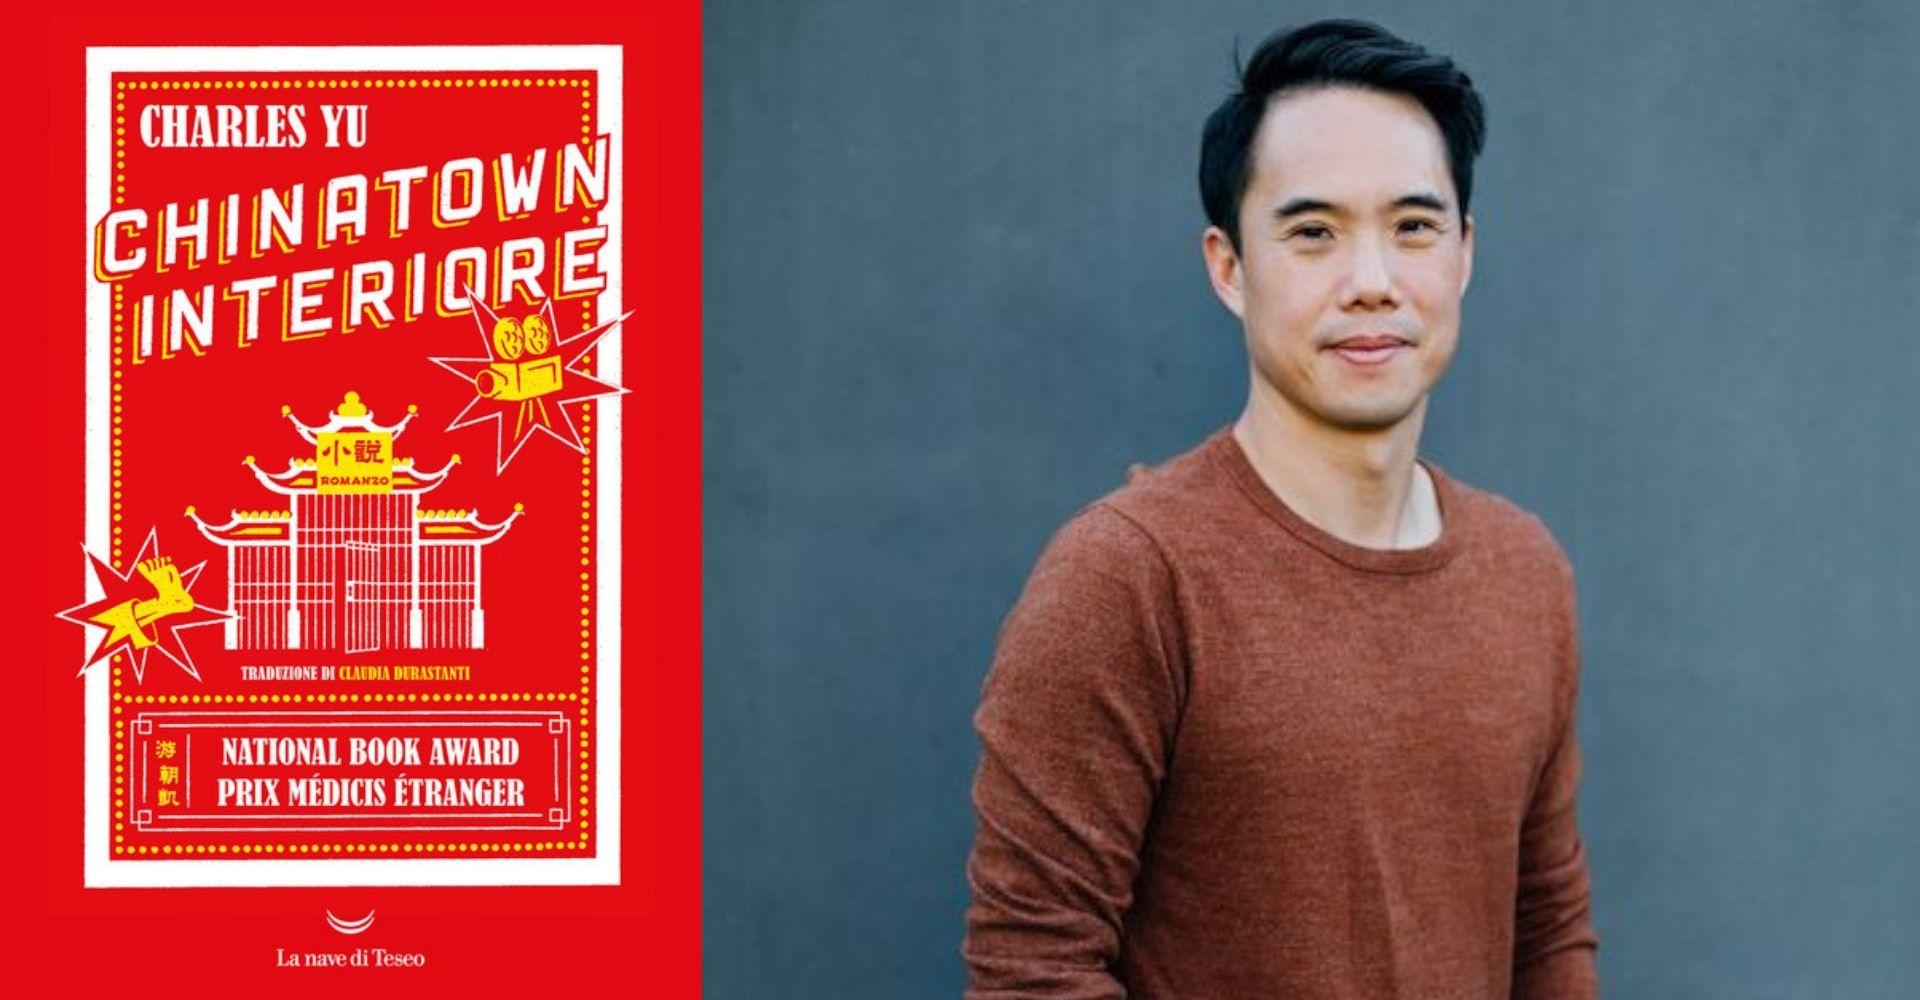 """""""Chinatown Interiore"""" di Charles Yu, la più grande discriminazione si chiama indifferenza"""